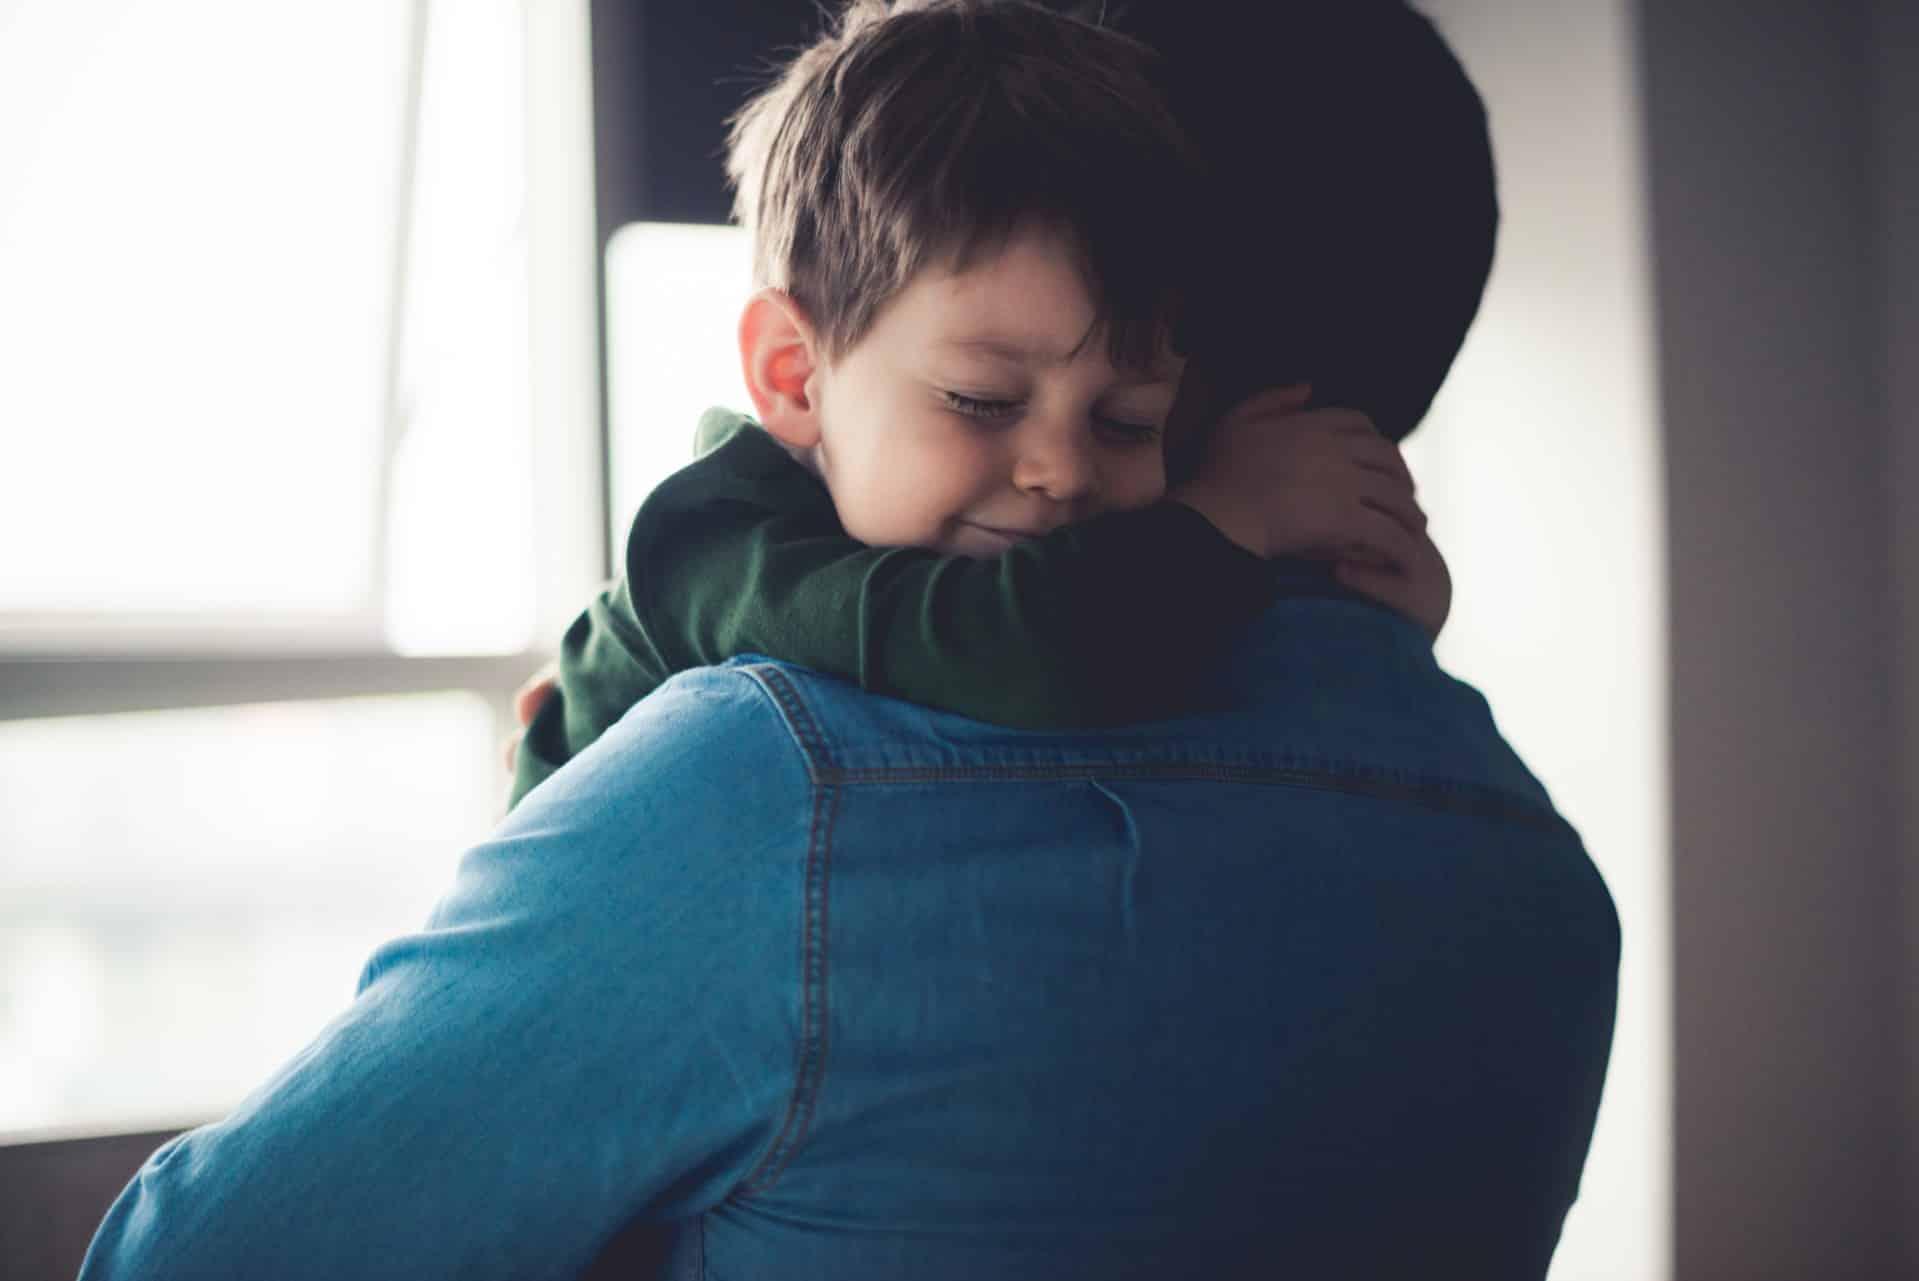 Ouderschapsverlof voor langdurige pleegzorg: wanneer komt het er?